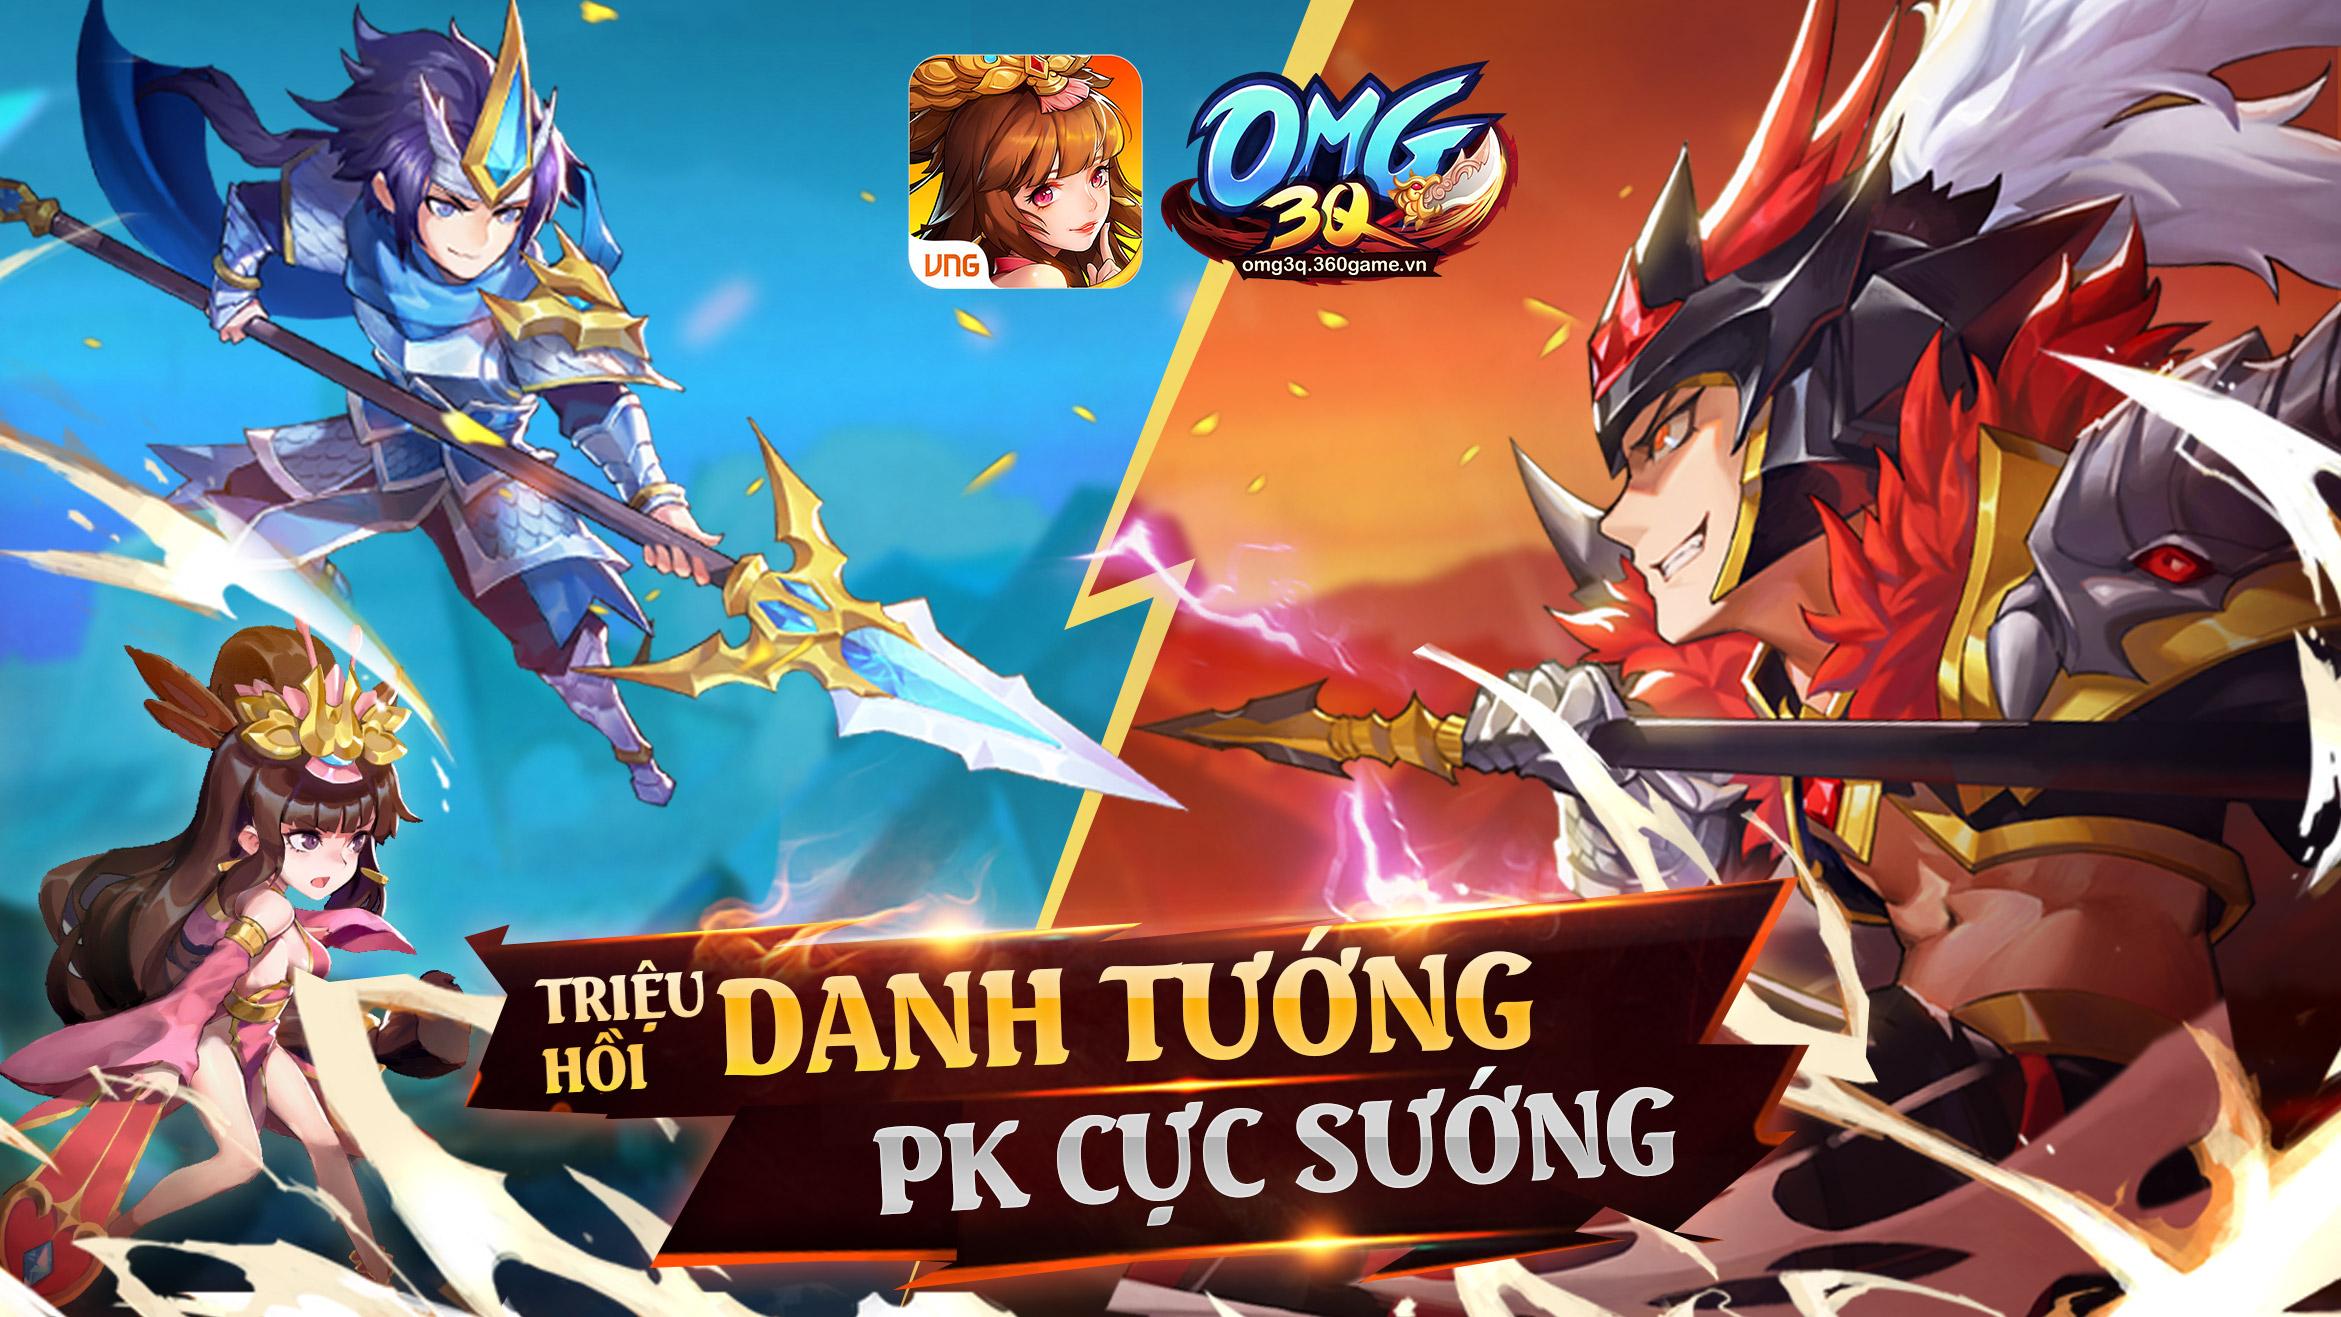 Trên nền câu chuyện về Trương Giác, Tả Từ và Vu Cát dùng tà thuật để triệu  hồi Ma Chủ xuất thế, người chơi được vào vai một người anh hùng đi ...